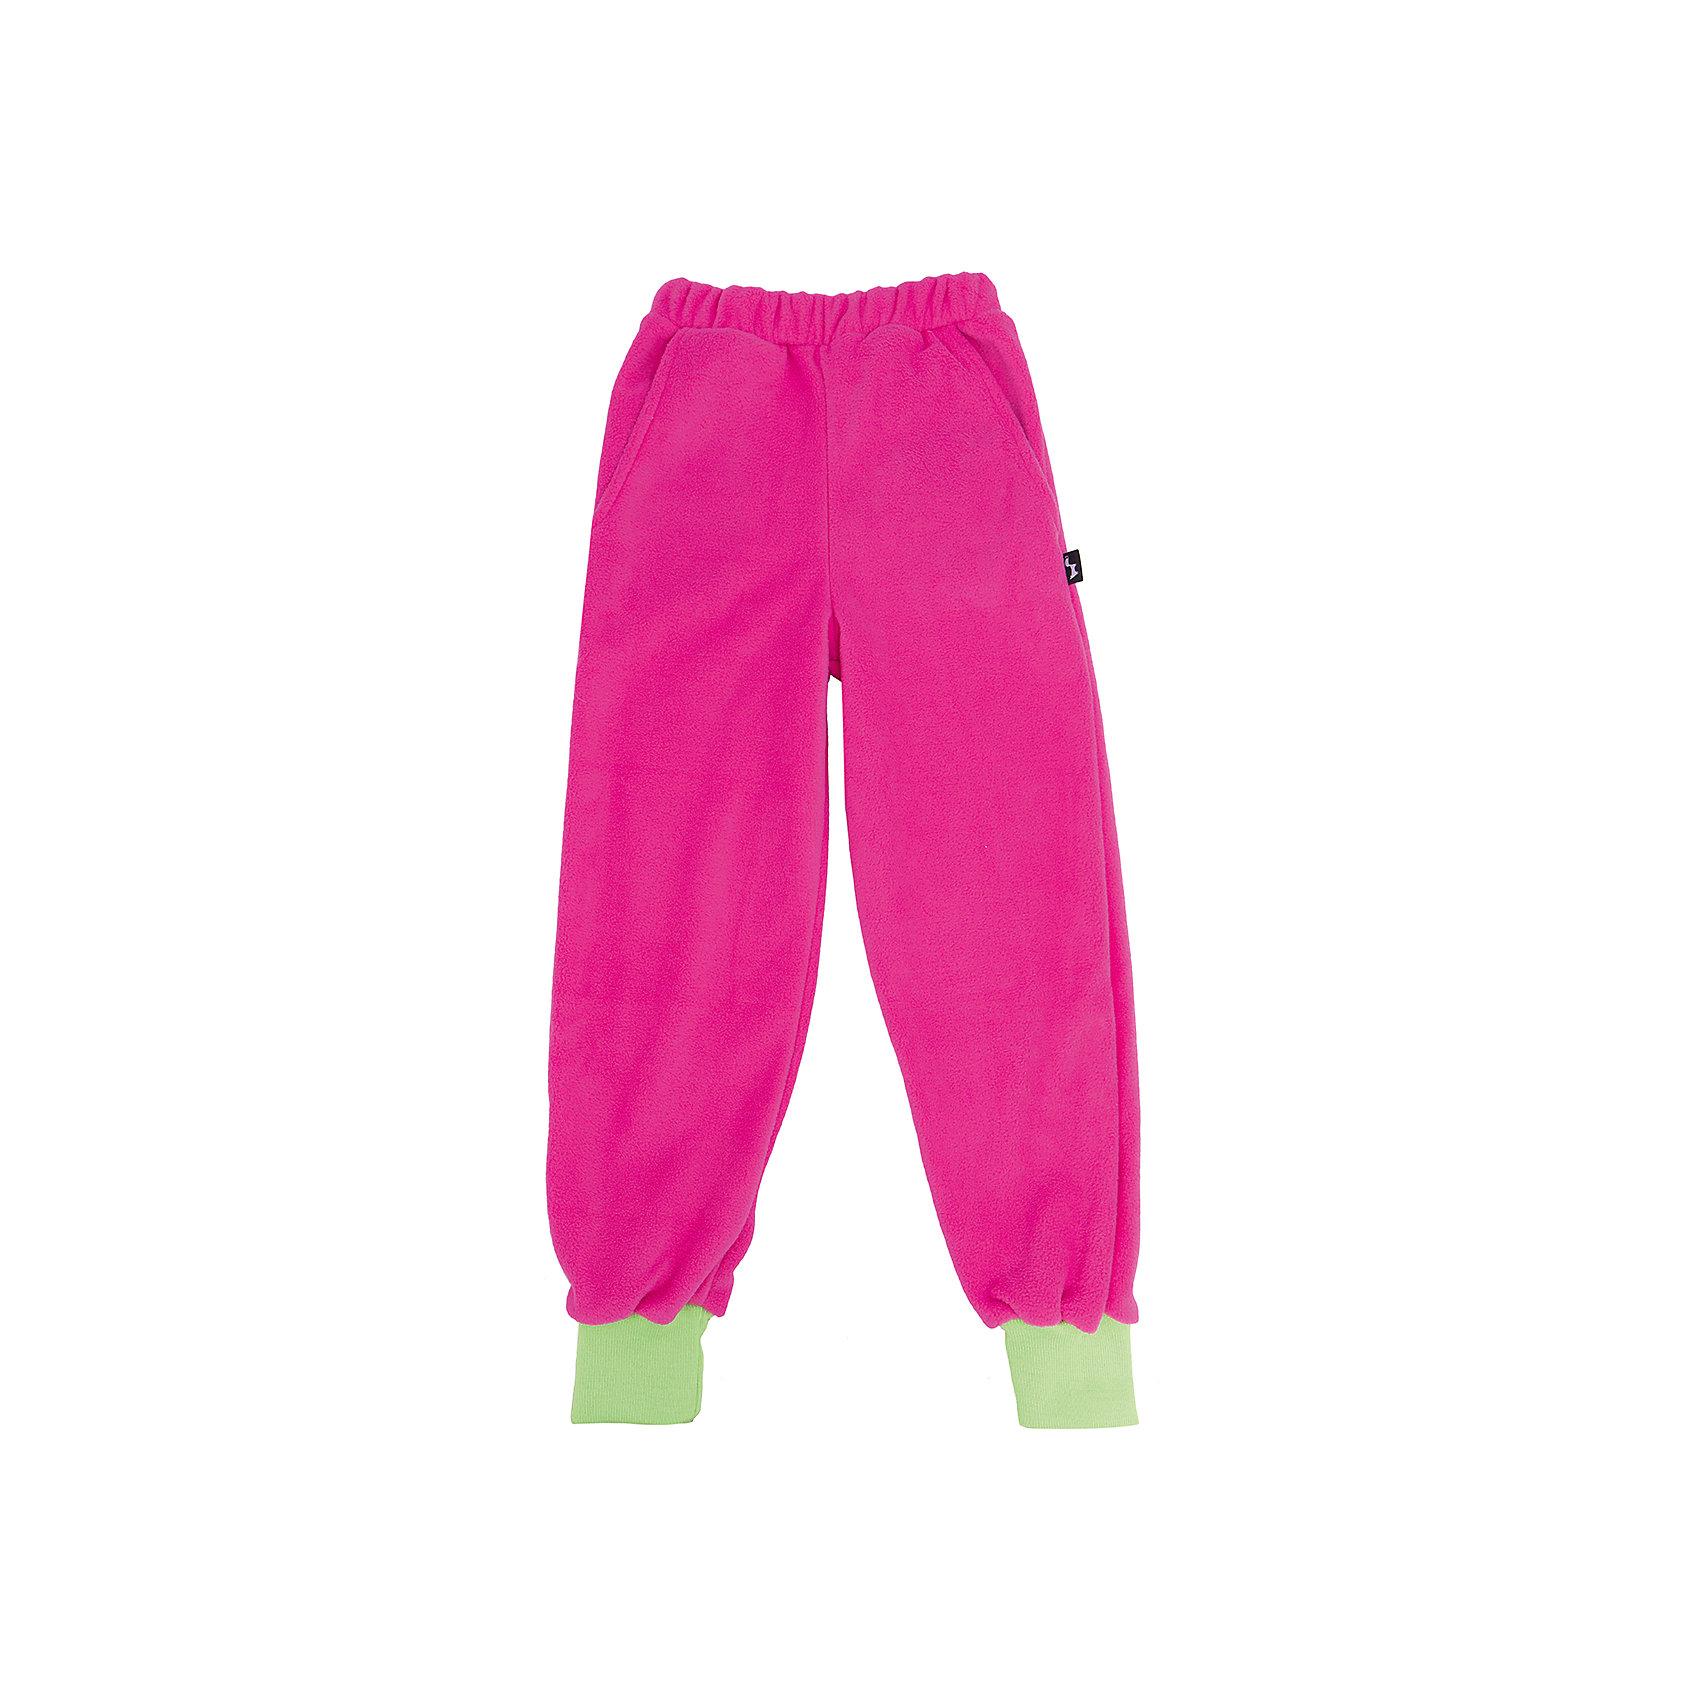 Штаны Чемпион для девочки ЛисФлисФлис и термобелье<br>Характеристики штанов для девочки: <br><br>- комплектация: штаны<br>- пол: для девочки<br>- цвет: розовый, фиолетовый<br>- тип карманов: накладные; прорезные<br>- вид застежки: без застежки; резинка<br>- крой брючин: прямой<br>- тип посадки: средняя посадка<br>- фактура материала: флис<br>- уход за вещами: предварительная стирка<br>- рисунок: без рисунка<br>- плотность: синтетического утеплителя<br>- утеплитель: без утепления<br>- назначение: повседневная<br>- характеристика пух/перо: fill power<br>- сезон: круглогодичный<br>- страна бренда: Россия<br>- страна производитель: Россия<br><br>Штаны Чемпион для девочек торговой марки ЛисФлис по достоинству оценены покупателями благодаря своему высокому качеству и невысокой цене. Штаны выполнены из плотного флиса (280 г.) с манжетами на штанинах и резинкой сверху. Будут незаменимы в холодную погоду как поддева под комбинезон или комплект, или как самостоятельный вариант в более теплое время года.<br><br>Штаны для девочки торговой марки ЛисФлис  можно купить в нашем интернет-магазине.<br><br>Ширина мм: 215<br>Глубина мм: 88<br>Высота мм: 191<br>Вес г: 336<br>Цвет: зеленый/розовый<br>Возраст от месяцев: 84<br>Возраст до месяцев: 96<br>Пол: Женский<br>Возраст: Детский<br>Размер: 128,110,116,122,134,140,146,80,86,92,98,104<br>SKU: 4938992